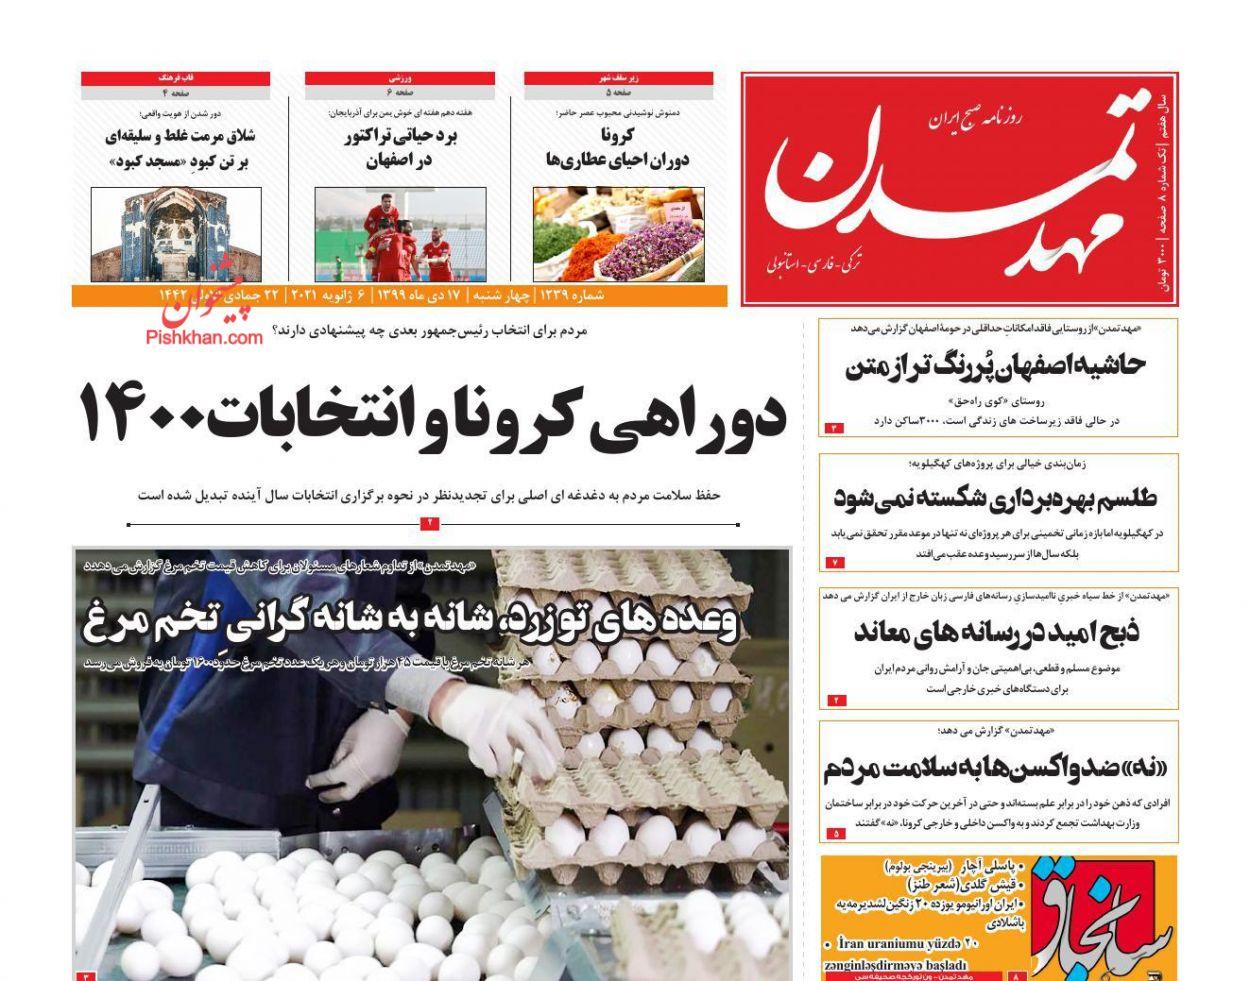 عناوین اخبار روزنامه مهد تمدن در روز چهارشنبه ۱۷ دی